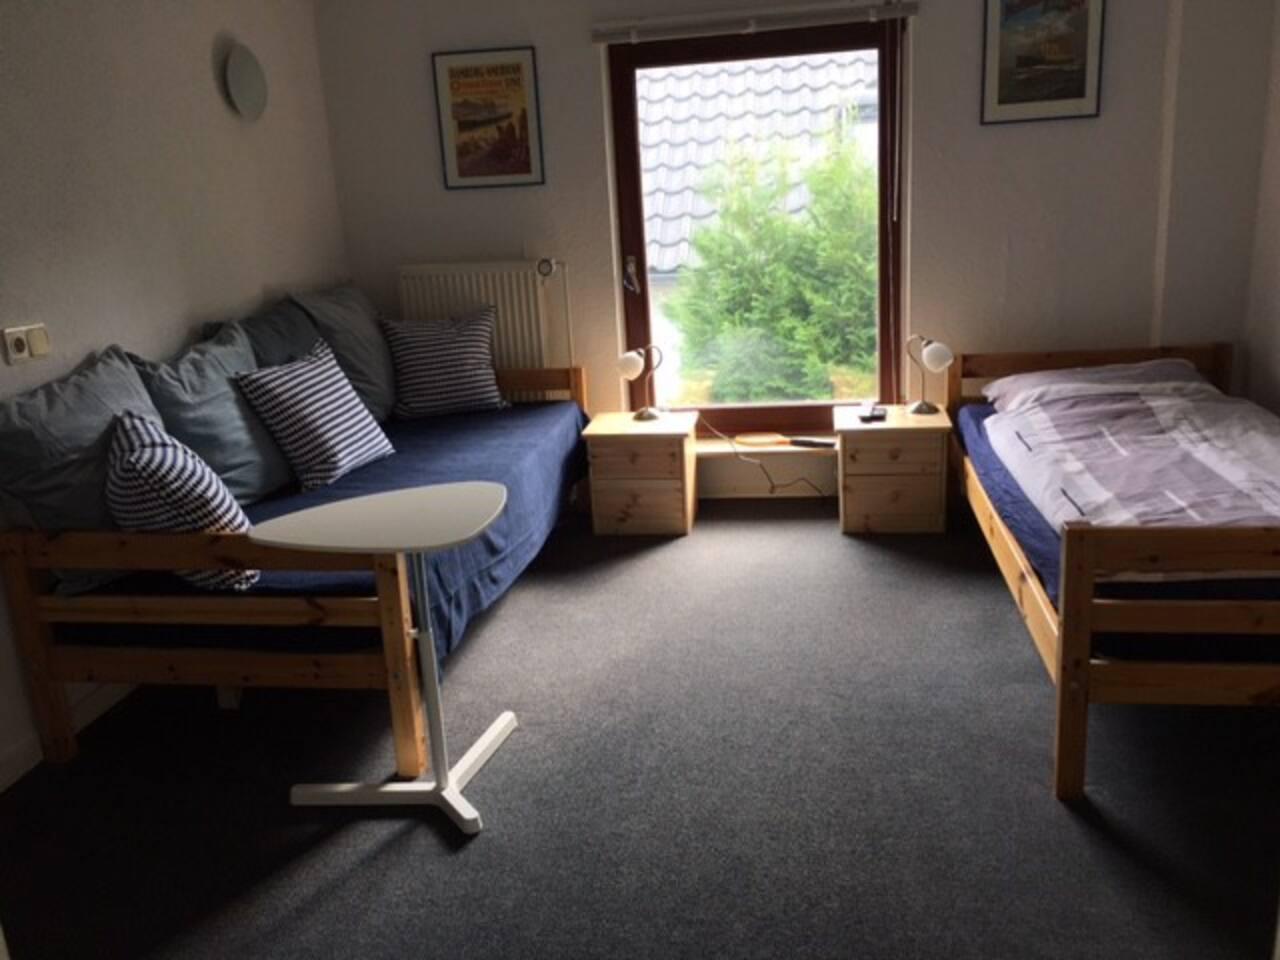 Gemütliches Einzel- oder Doppelzimmer (Preis/Übernachtung für 2. Gast = 16 €) - unsere Einliegerwohnung verfügt über ein zweites Zimmer - siehe Inserat Hamburg Schnelsen - 2. Zimmer in Einliegerwohnung - es bietet bis zu 2 Gästen Platz.